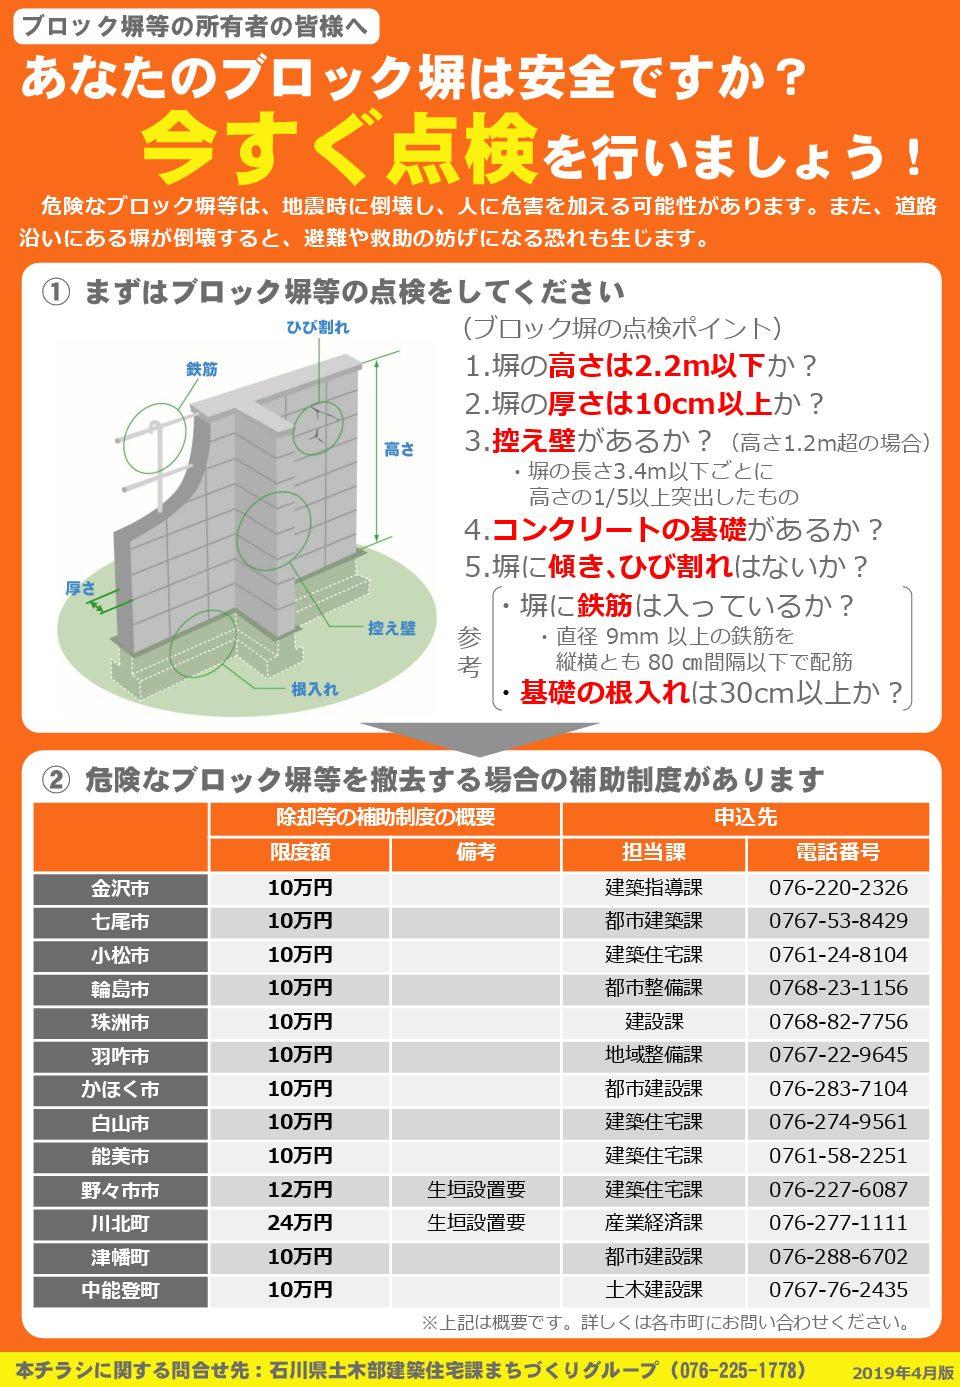 【ブロック塀に関する安全点検、補助金制度のご案内】